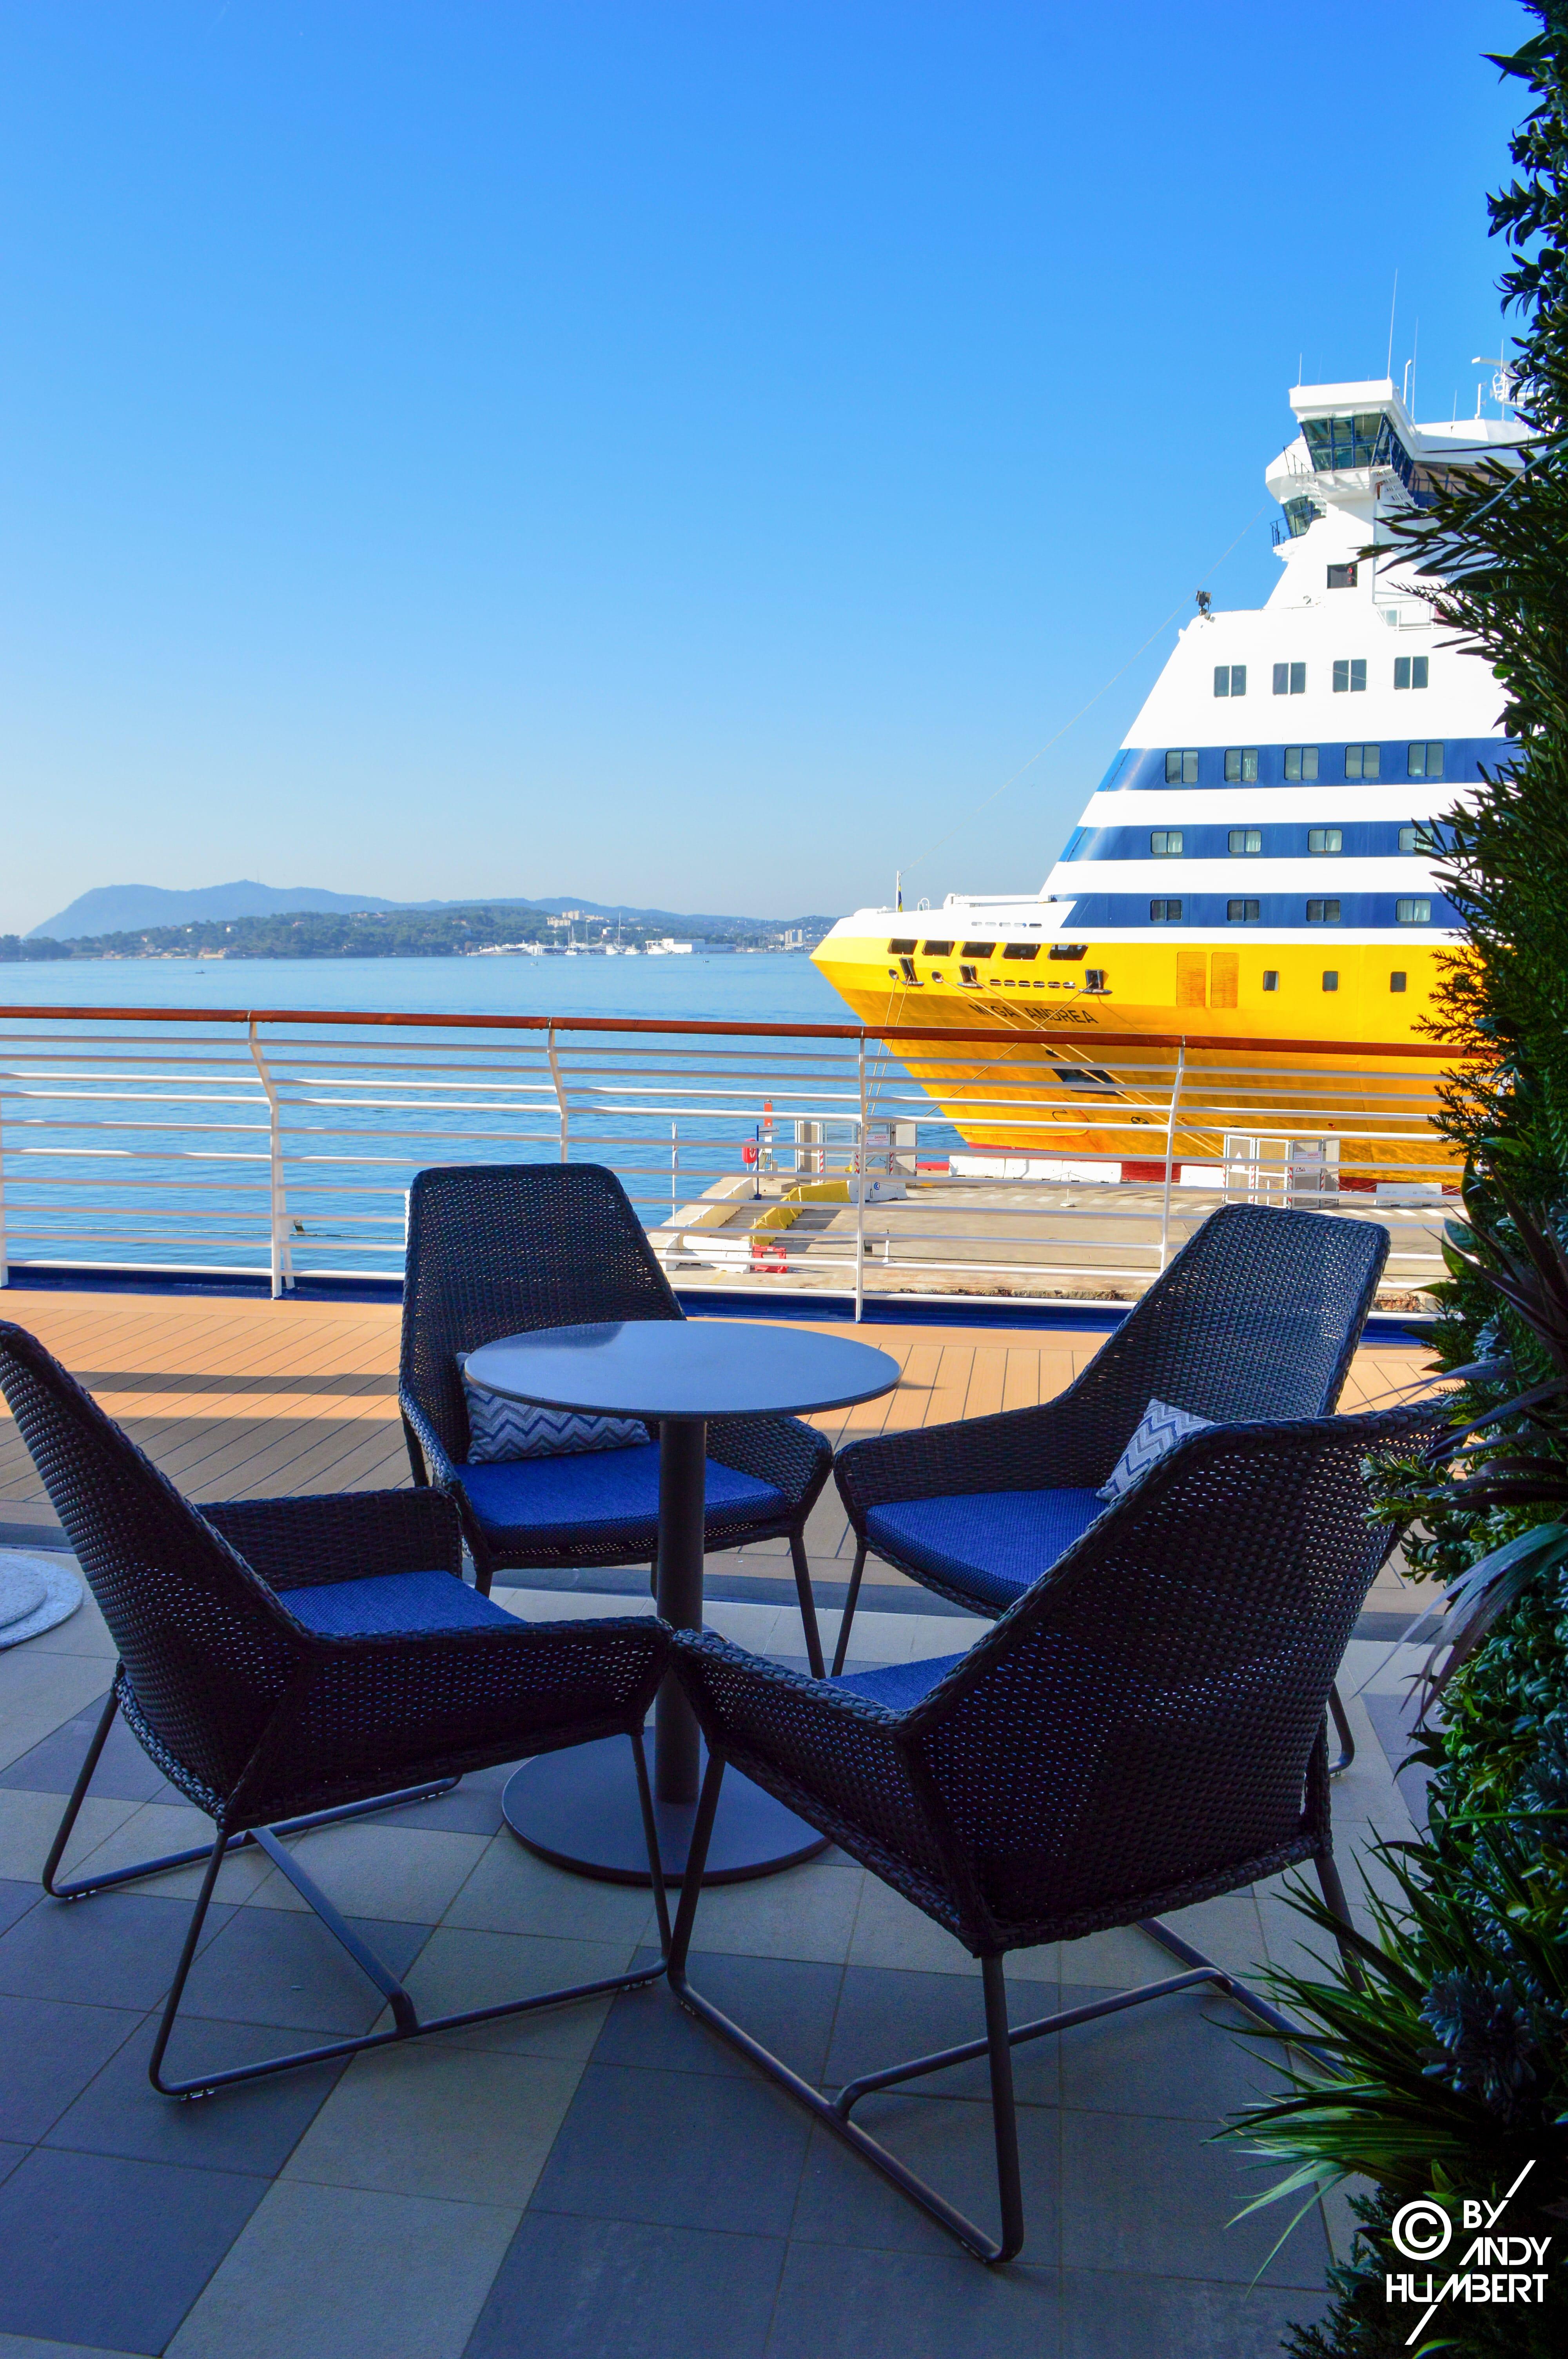 The Terrace (Promenade & E decks)